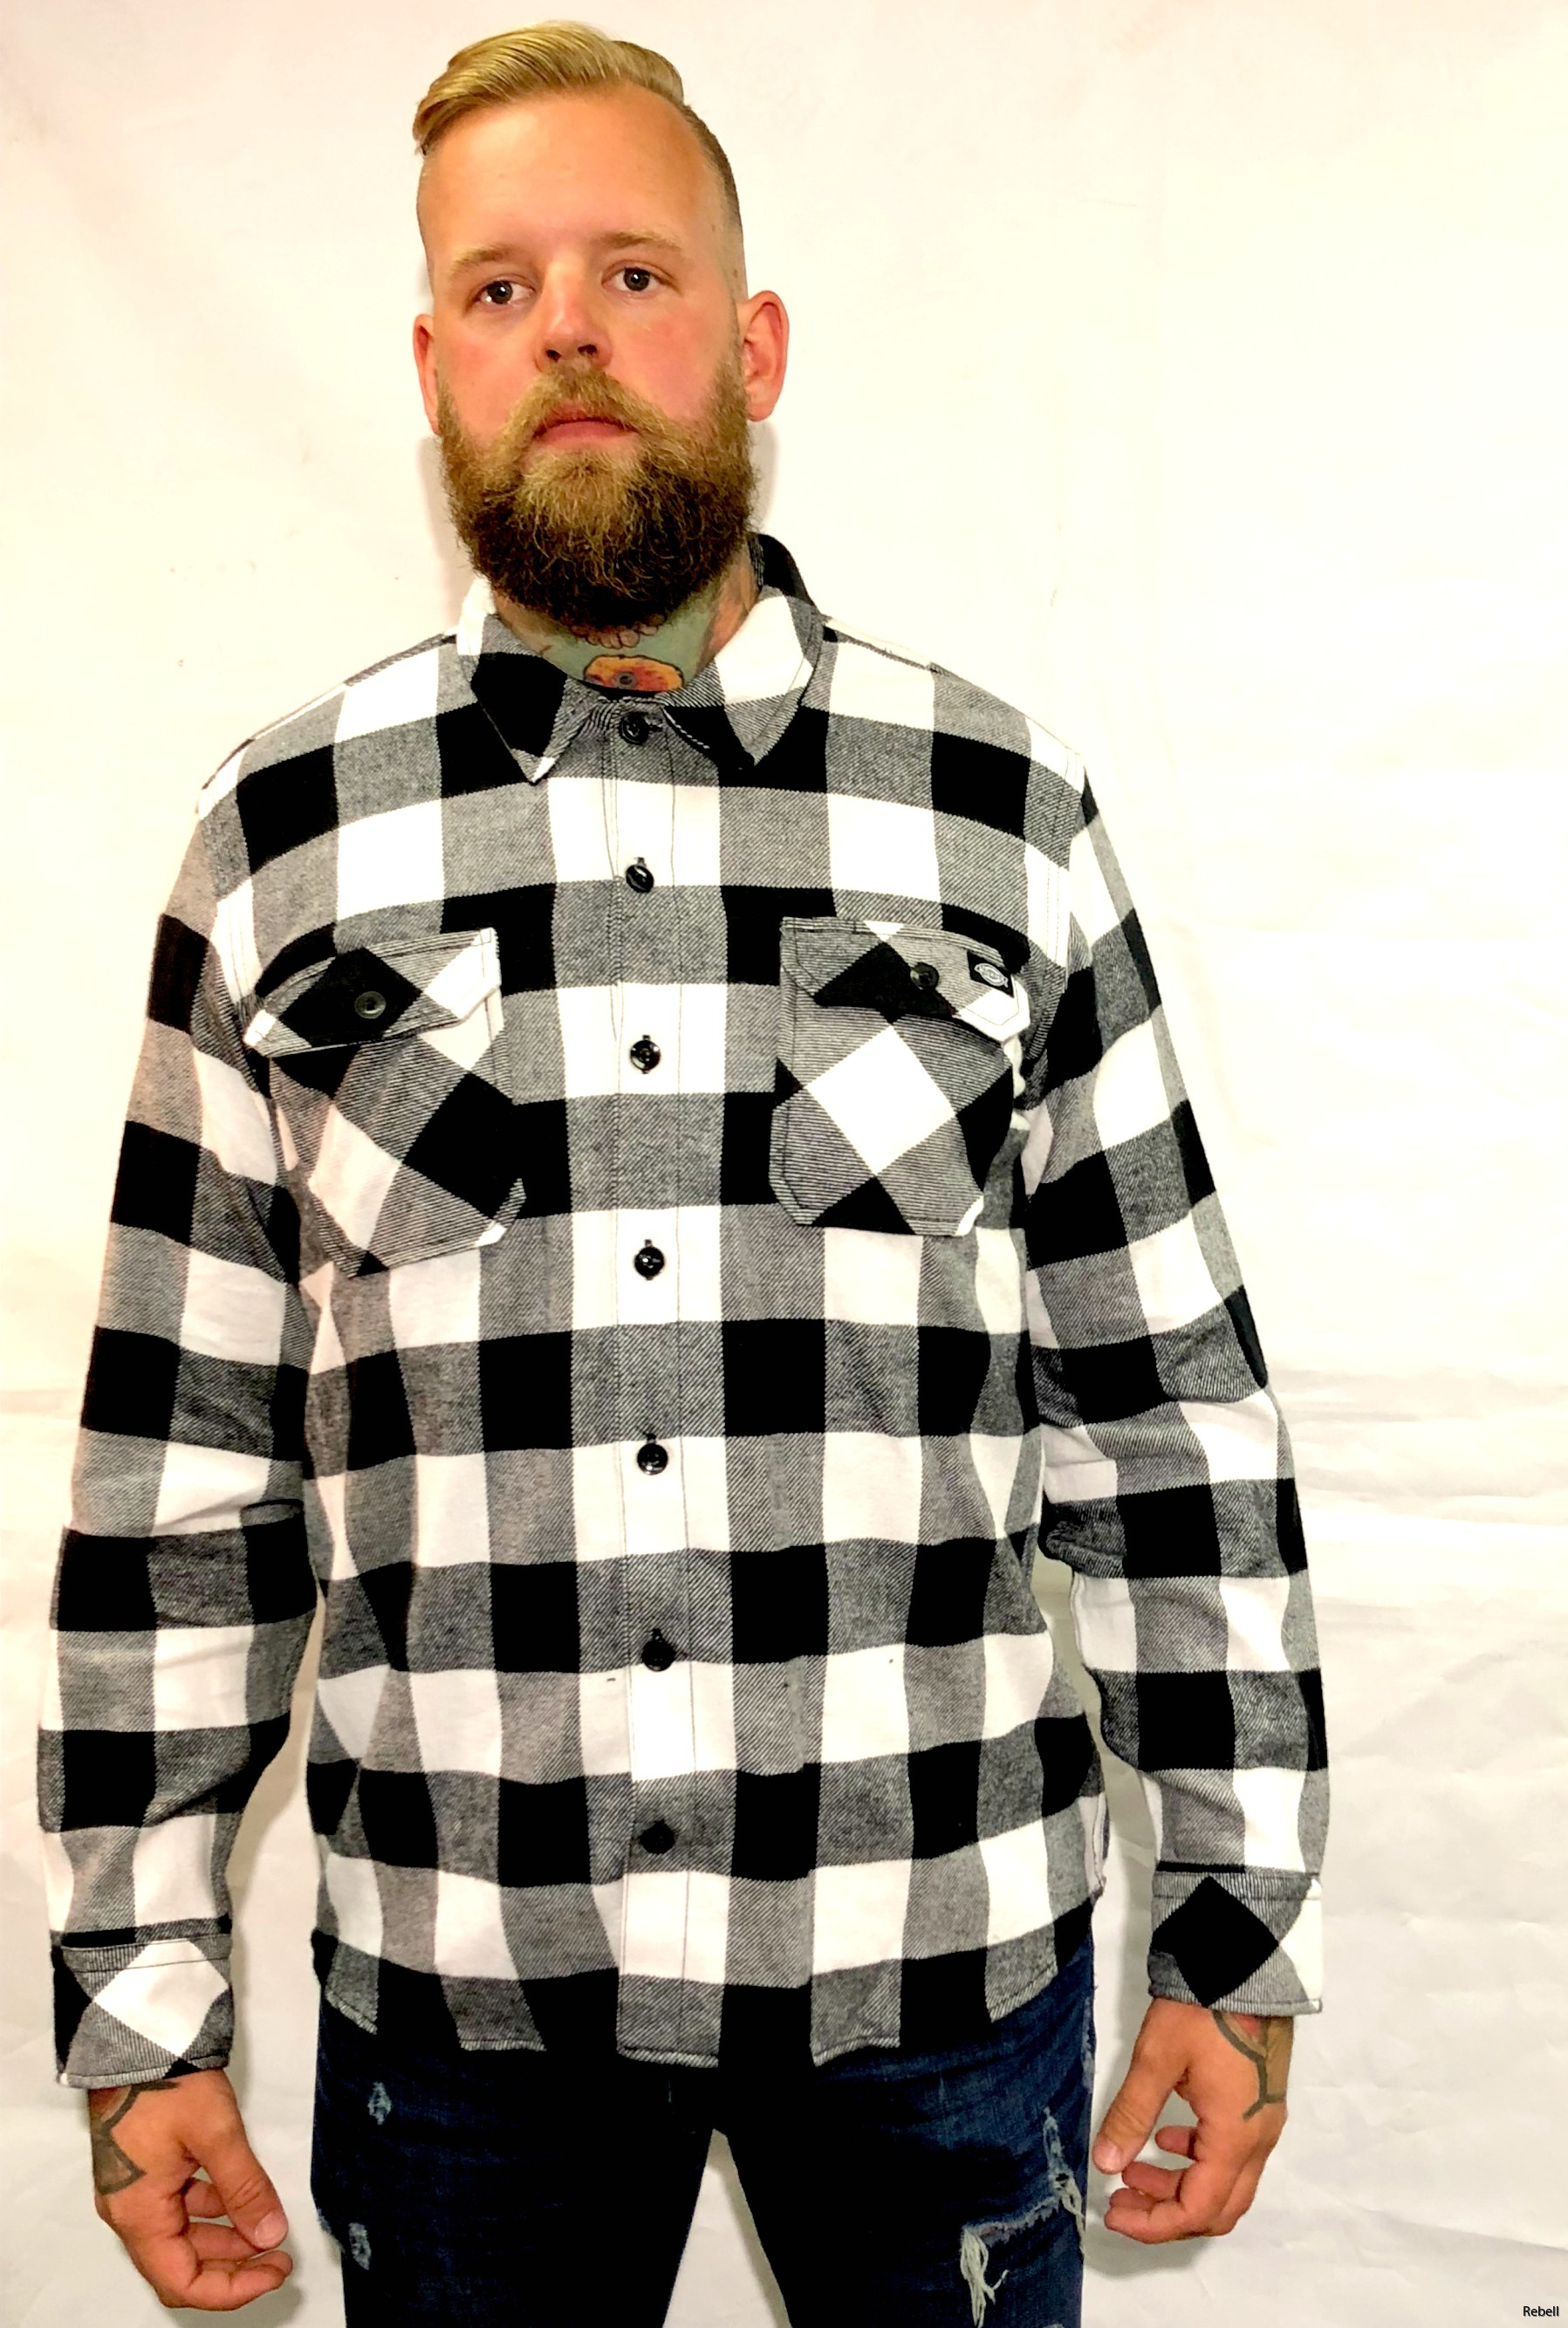 IMG_dickies flanell dickiesflanell dickieskläder dickiesskjorta rebell rebellclothes svartvit skjorta